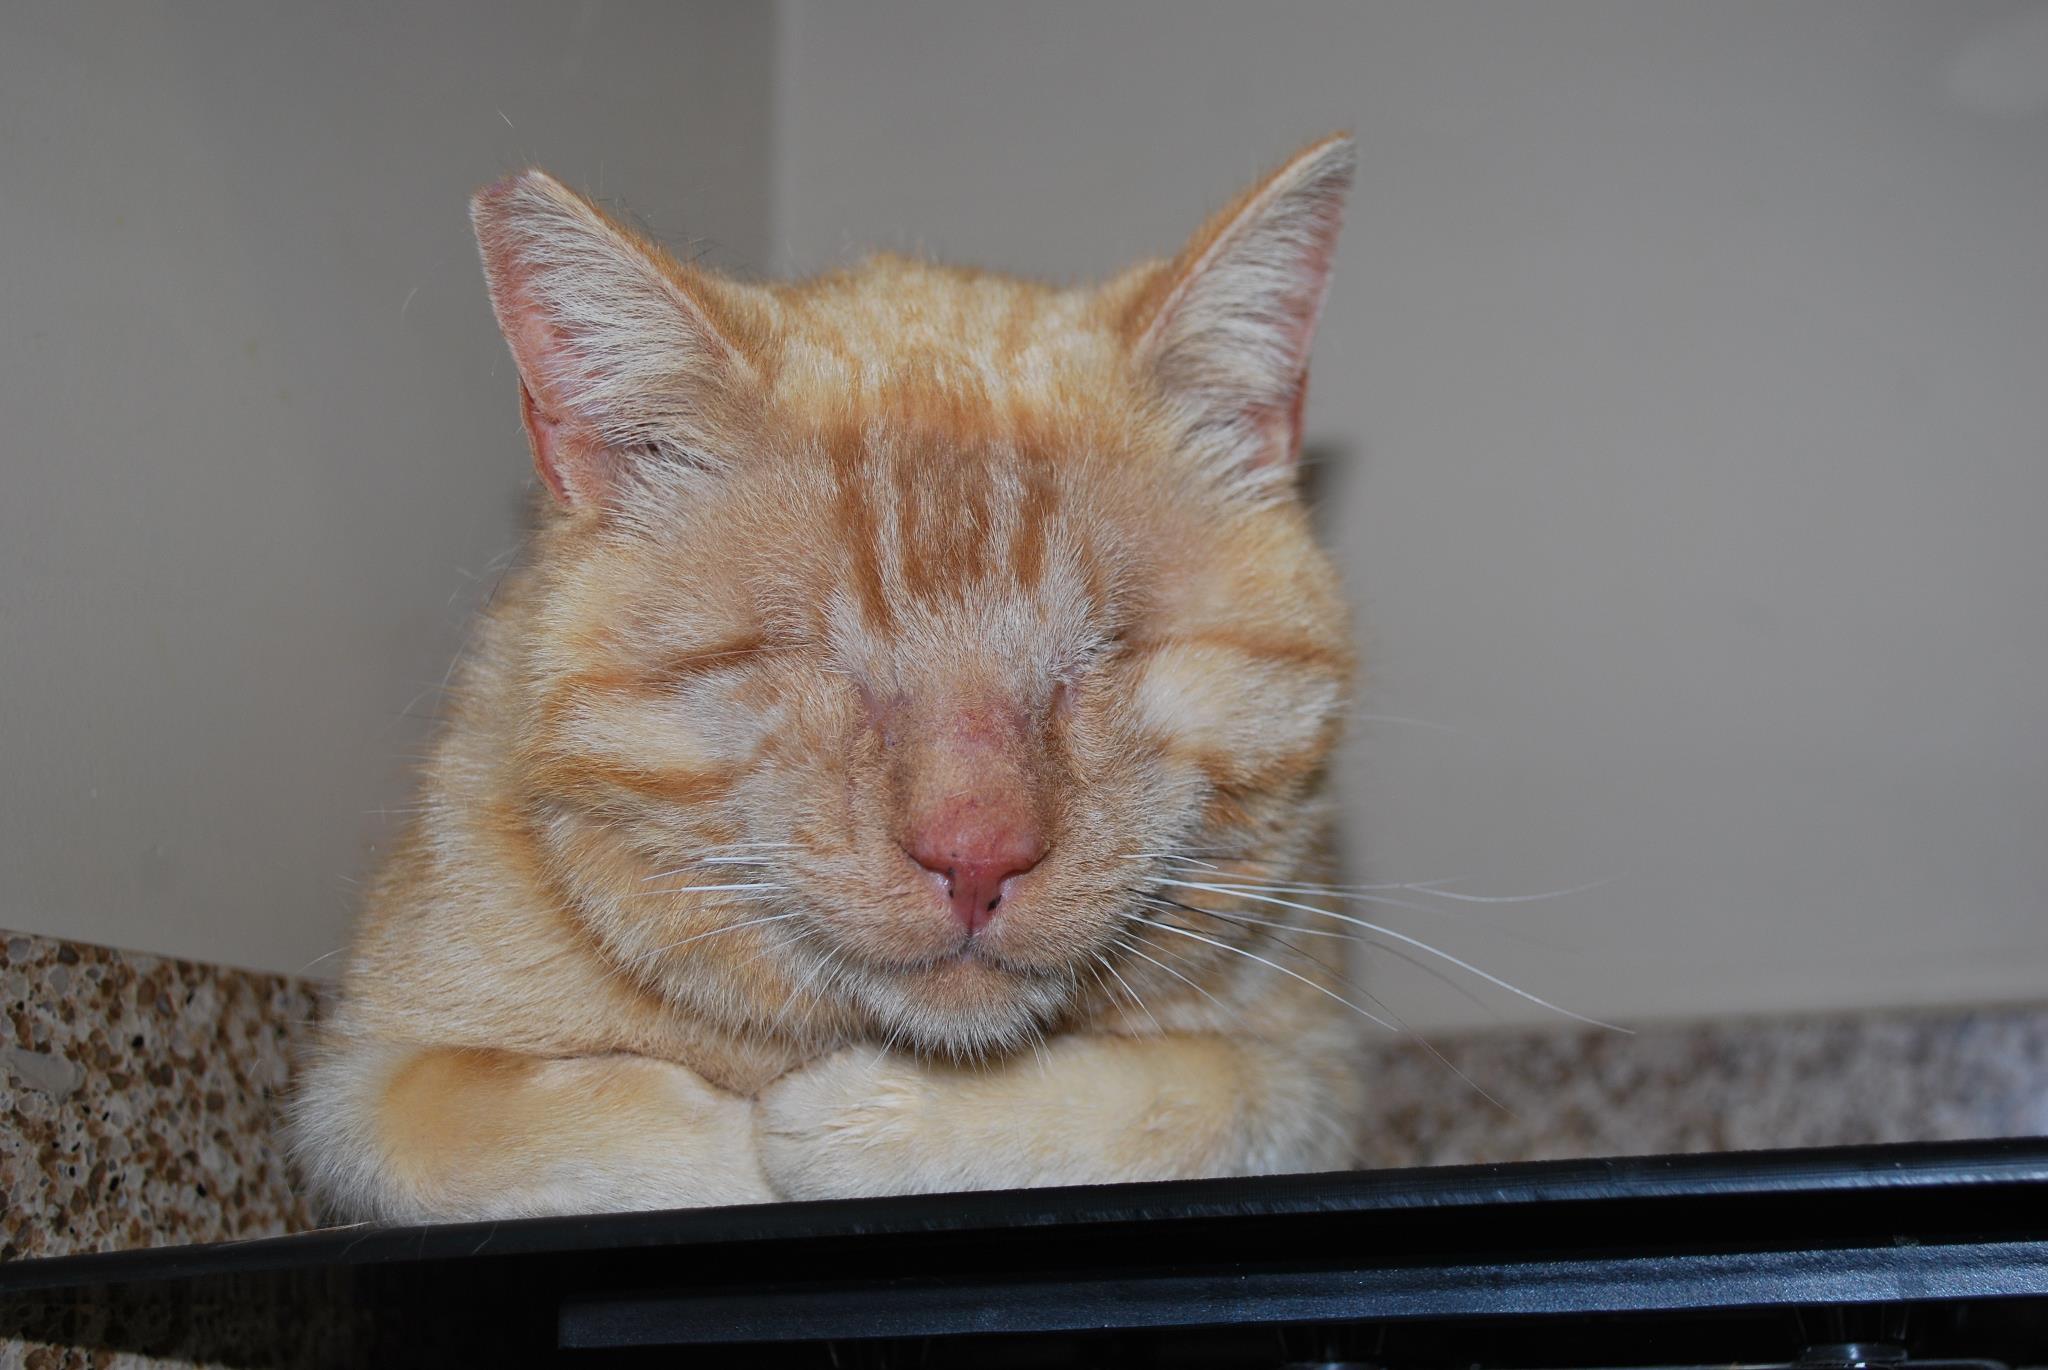 Stevie - blind kitties do remarkably well.